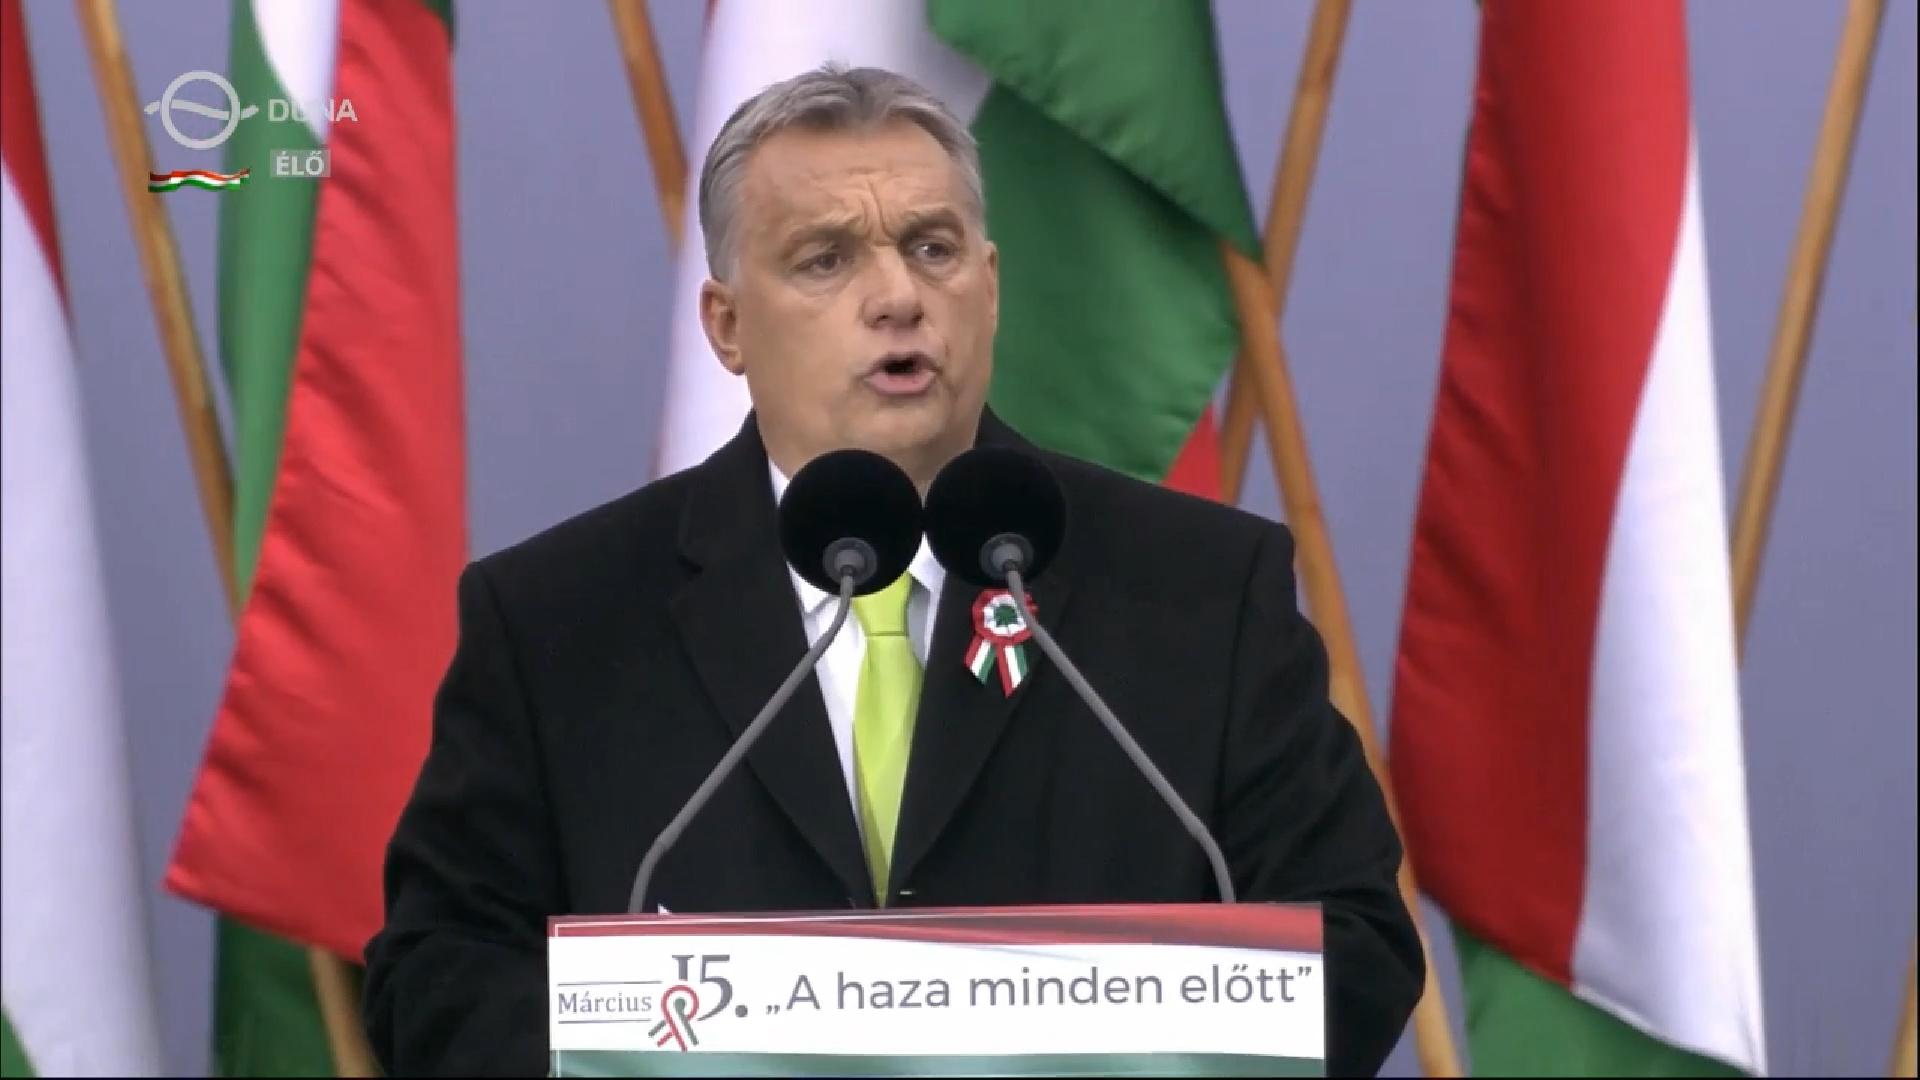 Orbán Viktor: A választás után elégtételt fogunk venni